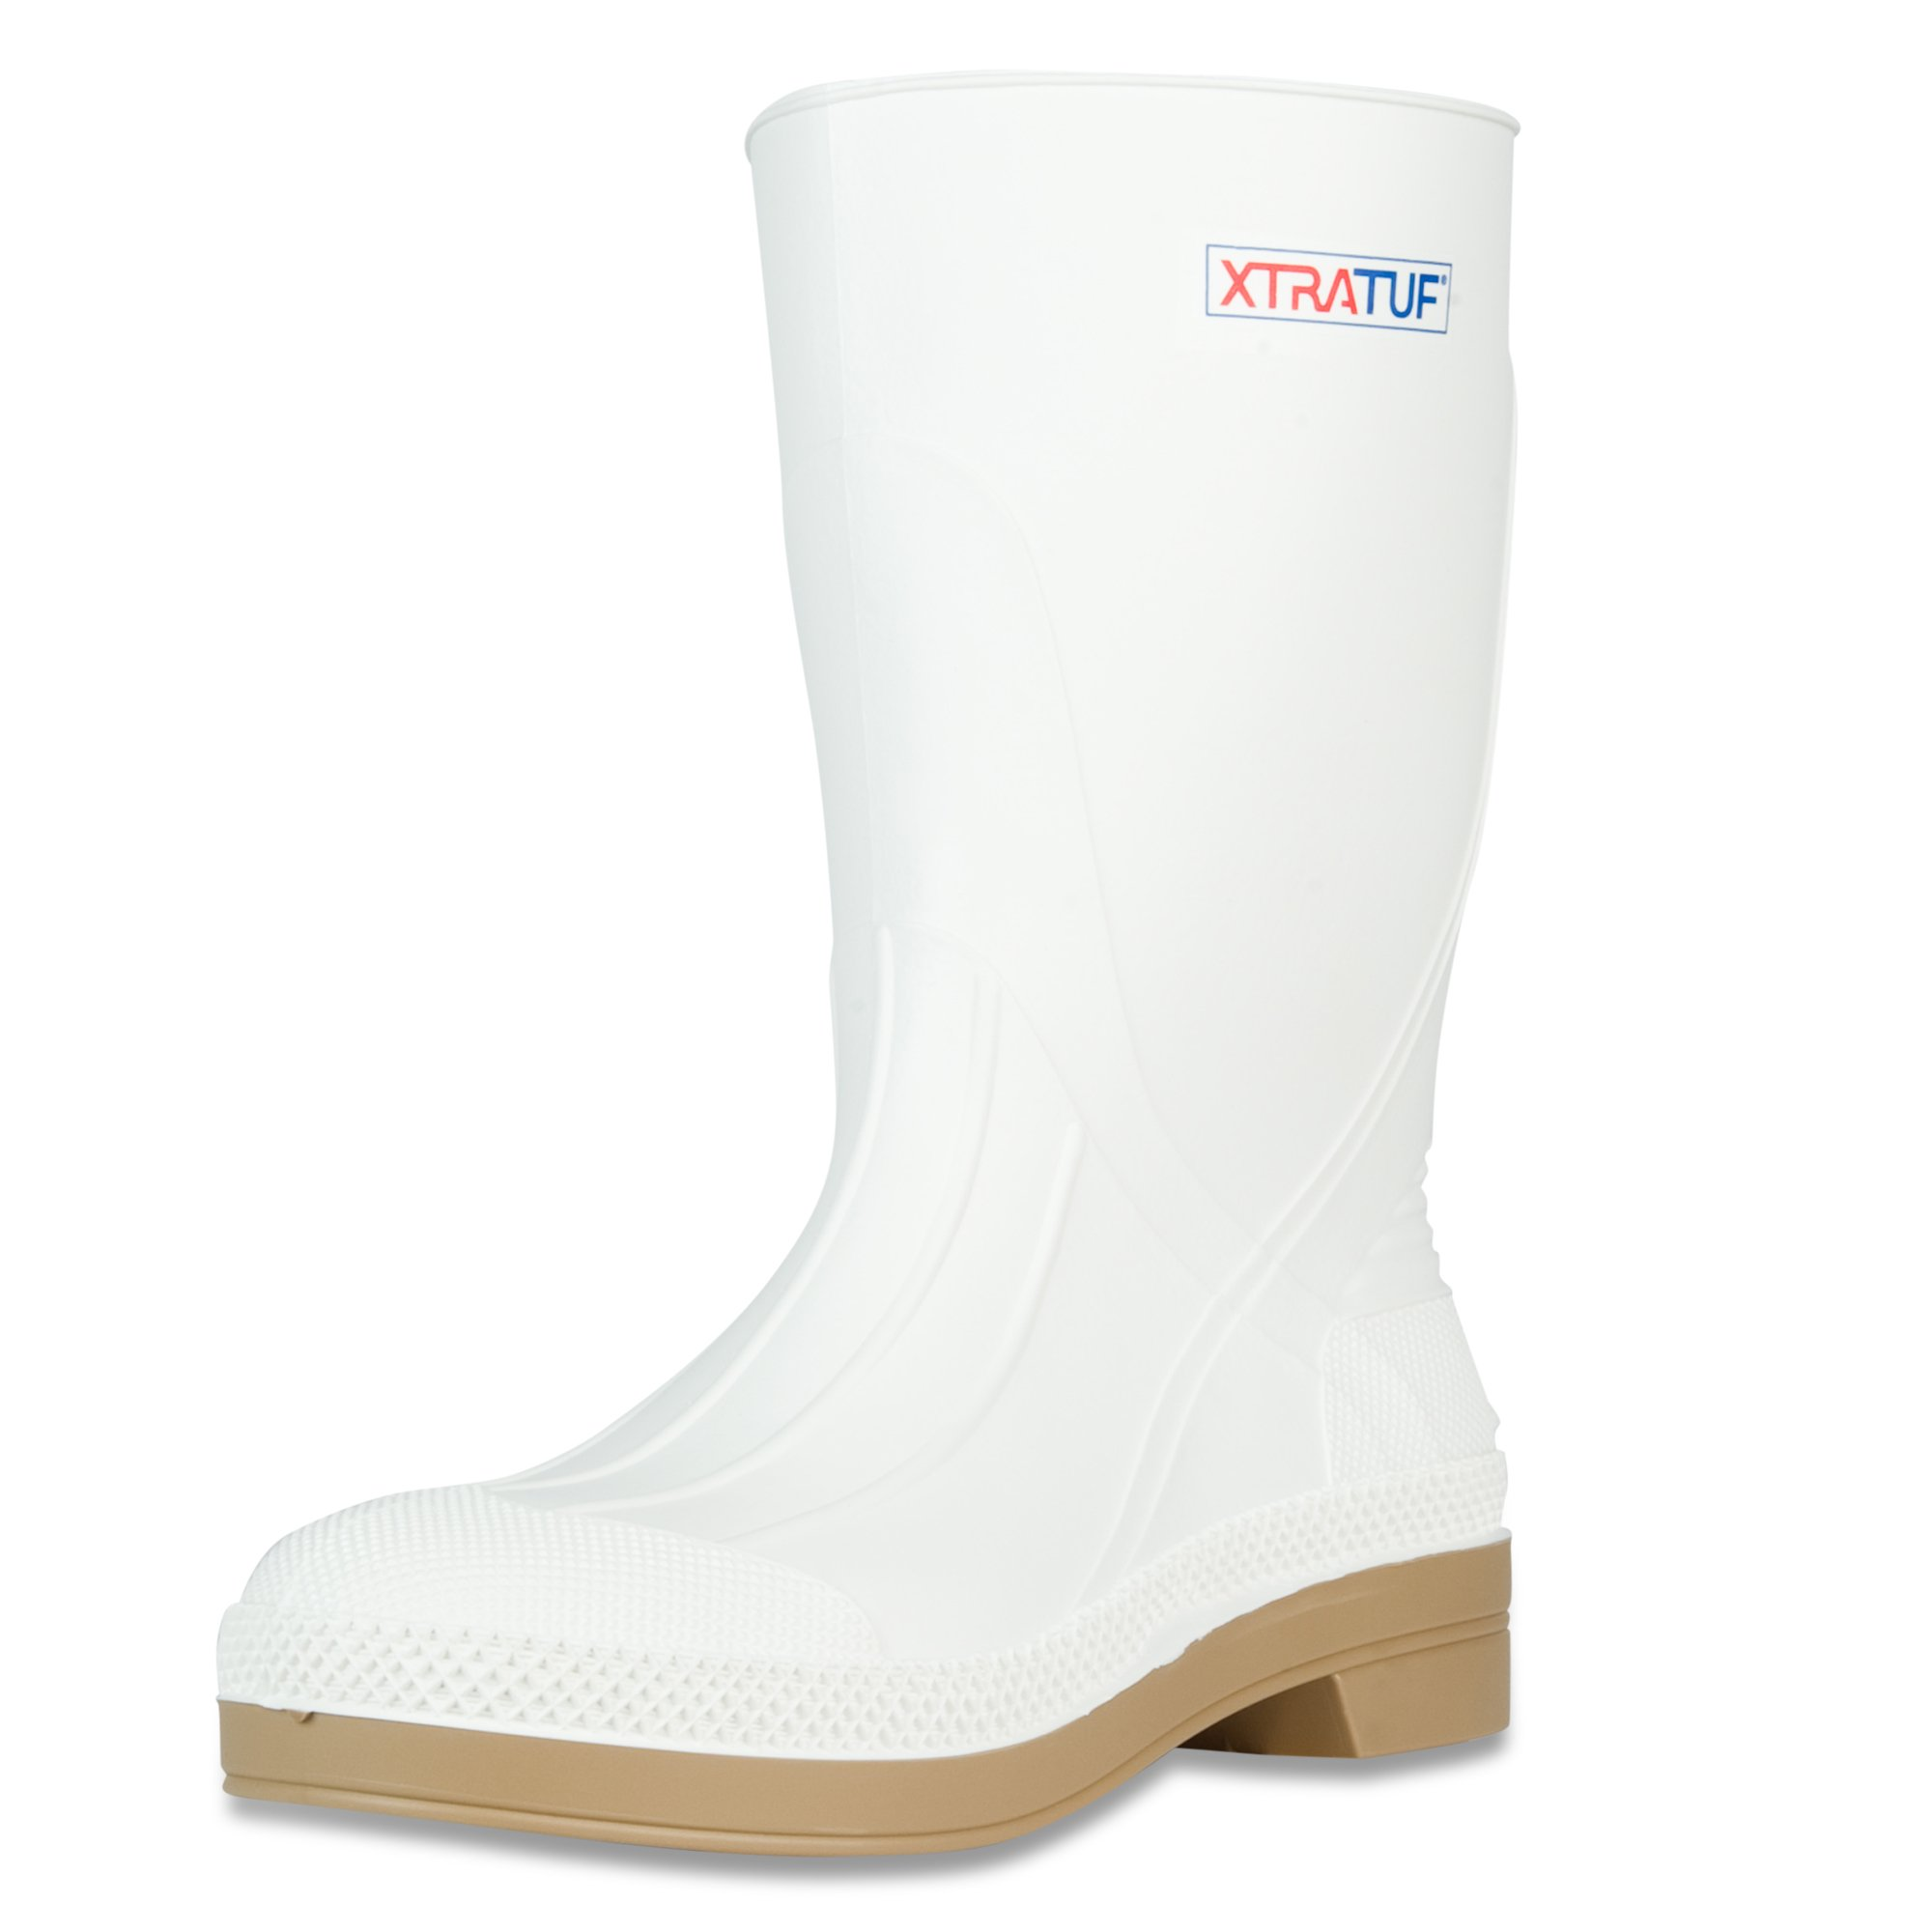 XTRATUF 11'' Men's PVC Shrimp Boots, White (75136)